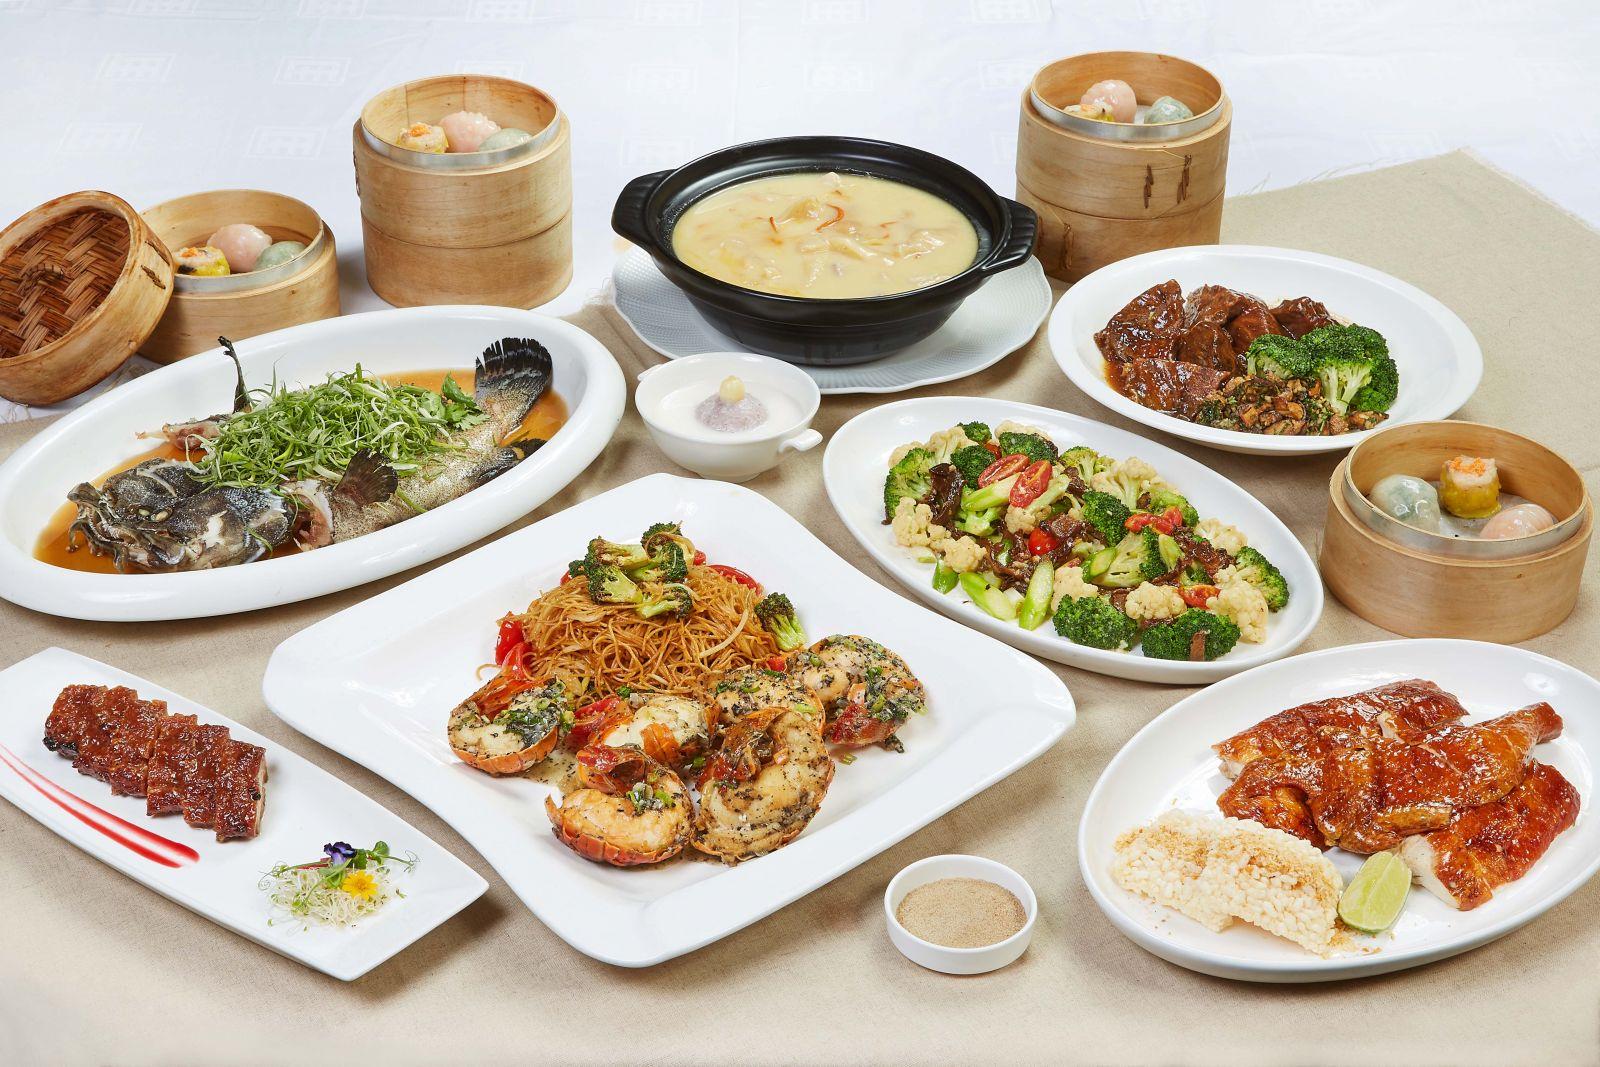 【訂餐送住房】好吃到不想回家!點國賓川菜、粵菜廳四人/六人套餐 國賓讓你免費住一晚